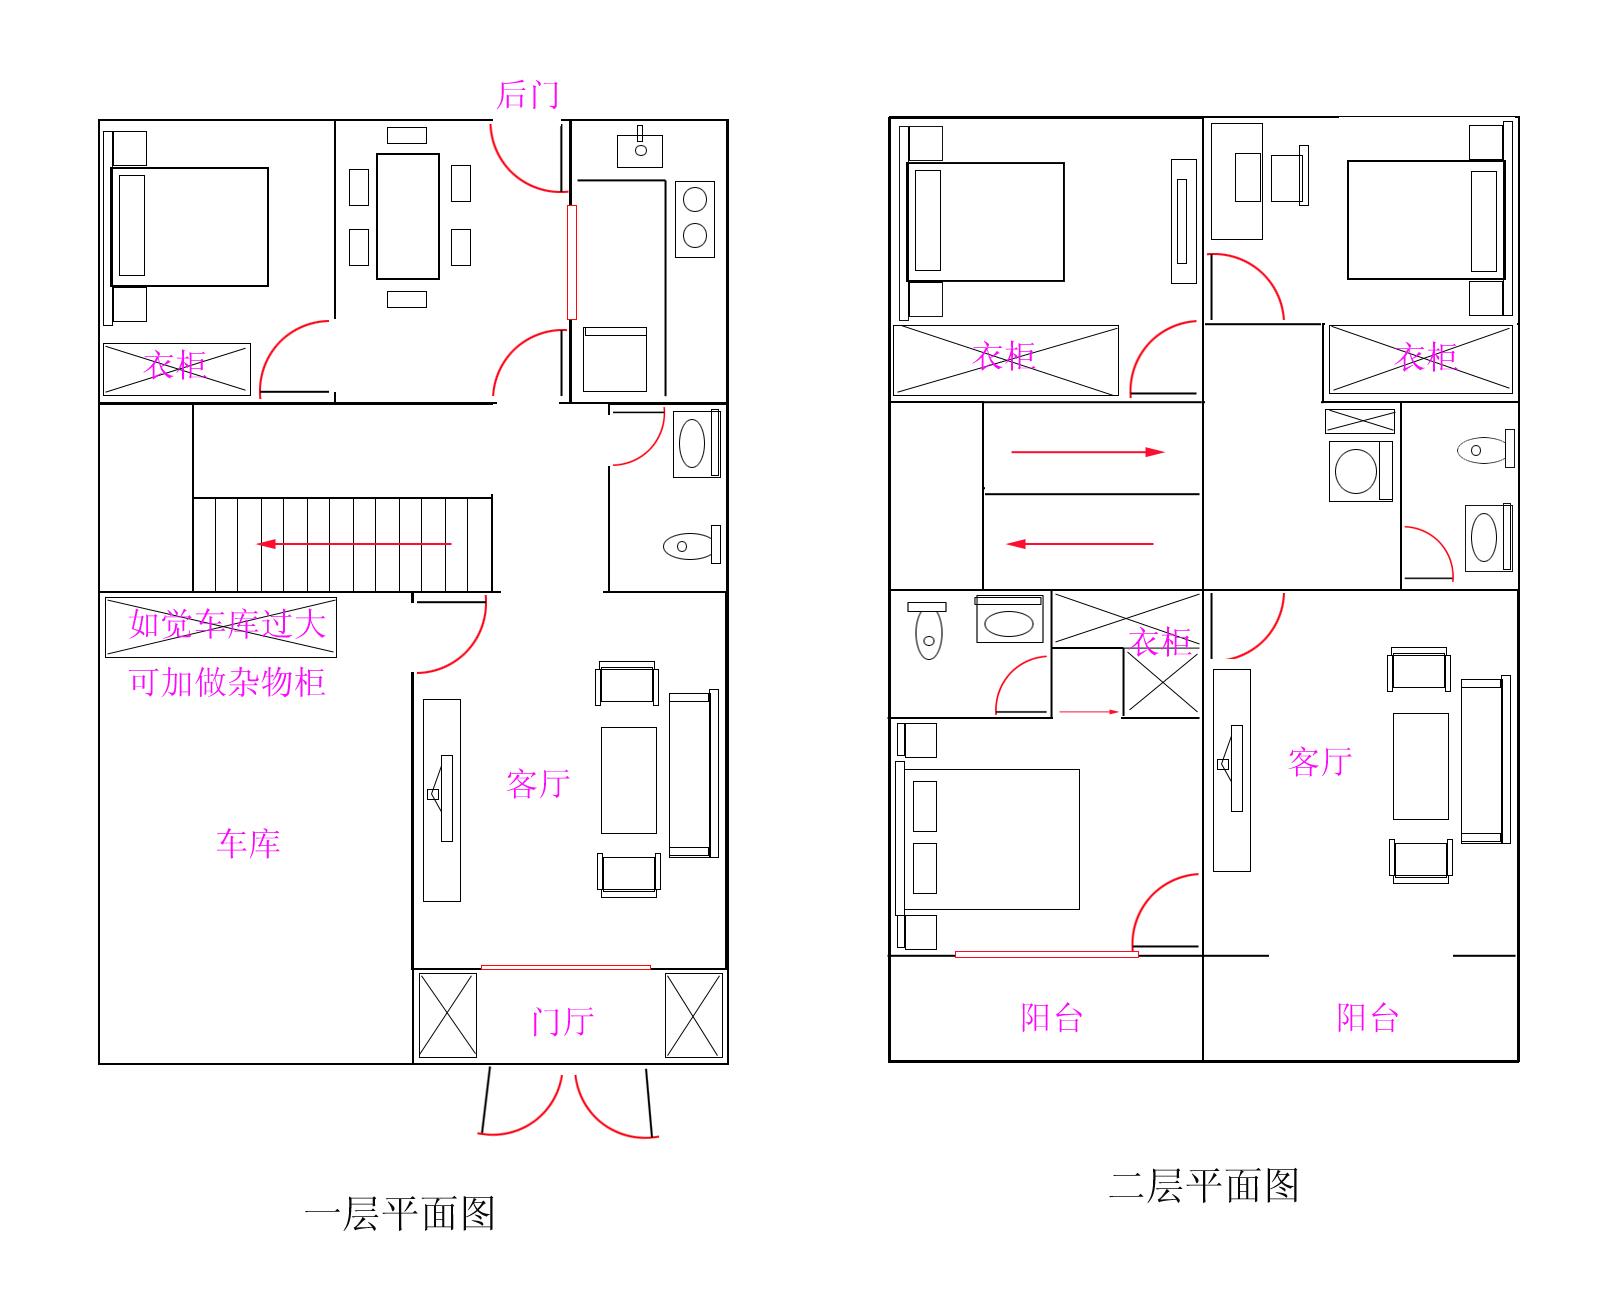 5米两边有墙上有梁板能计算建筑面积吗?请指教!谢谢了图片